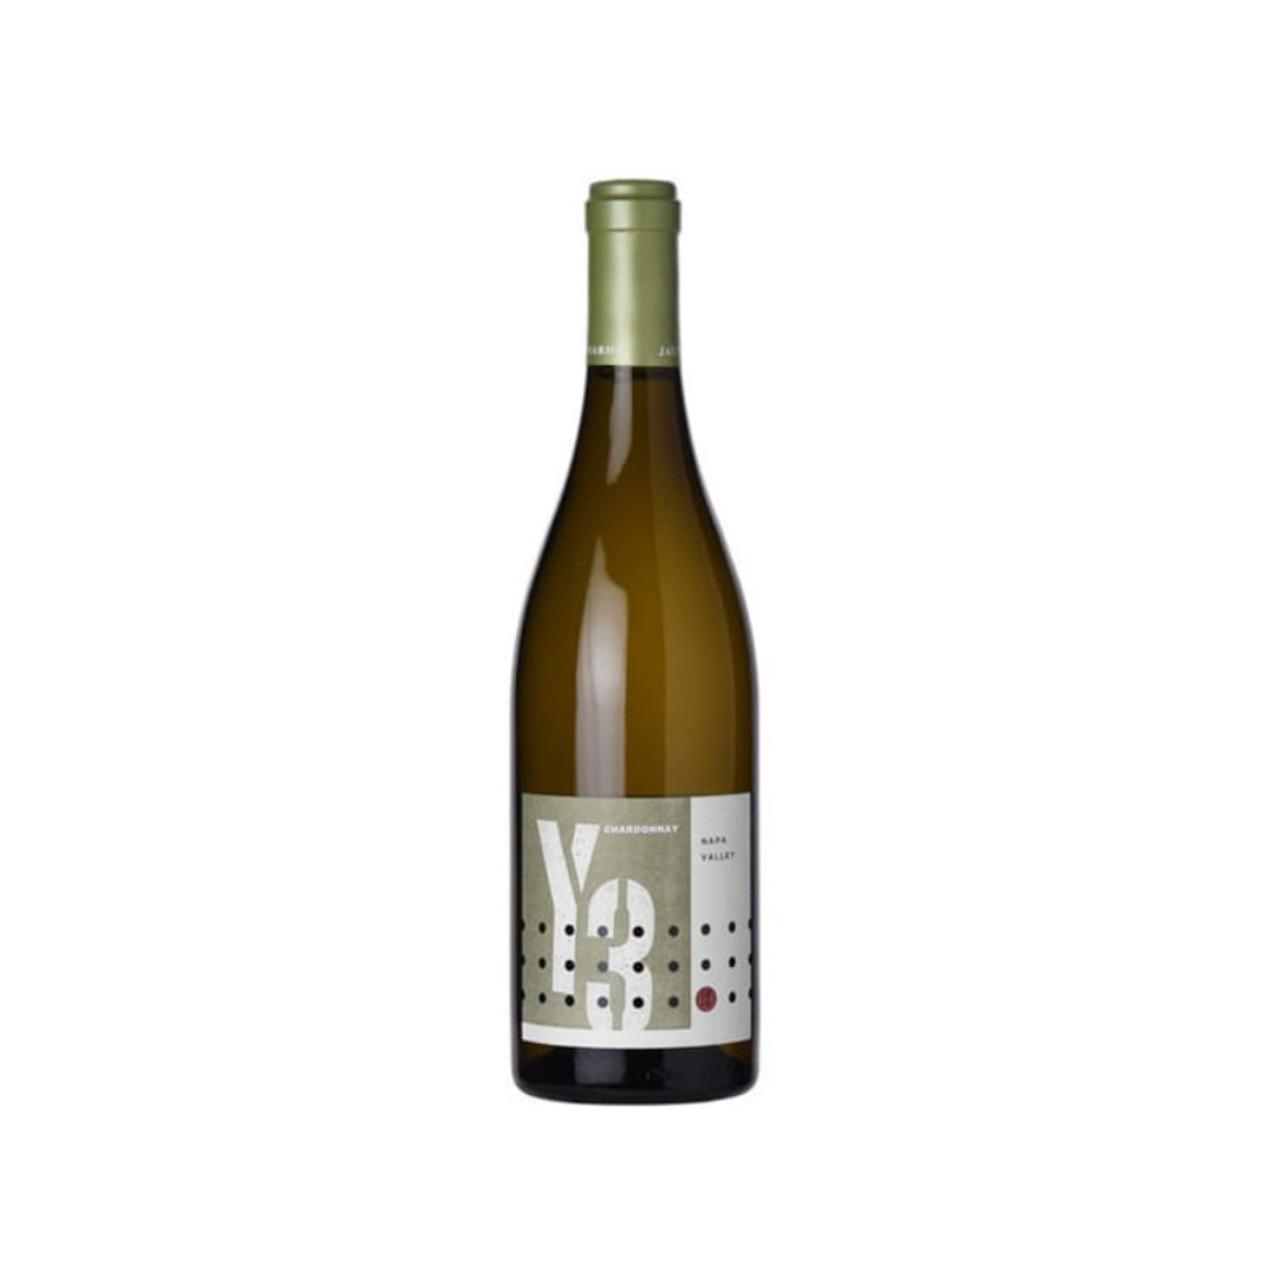 Jax Vineyards, Chardonnay Y3 Napa Valley 2016